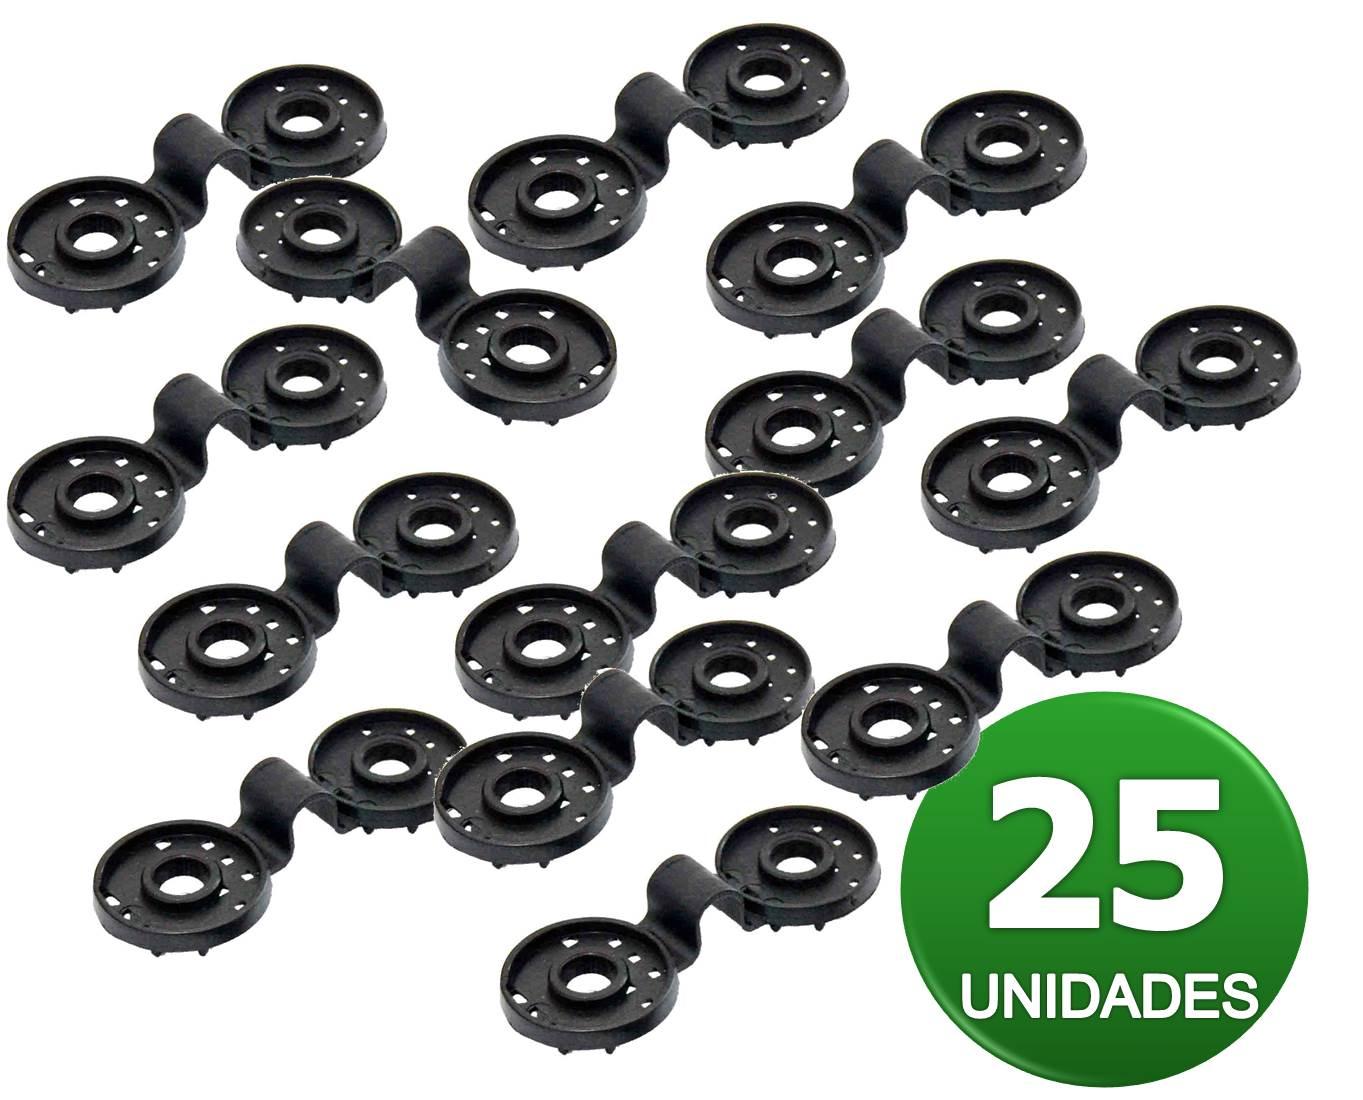 Conector para Sombrite com Ponte 25 UNIDADES